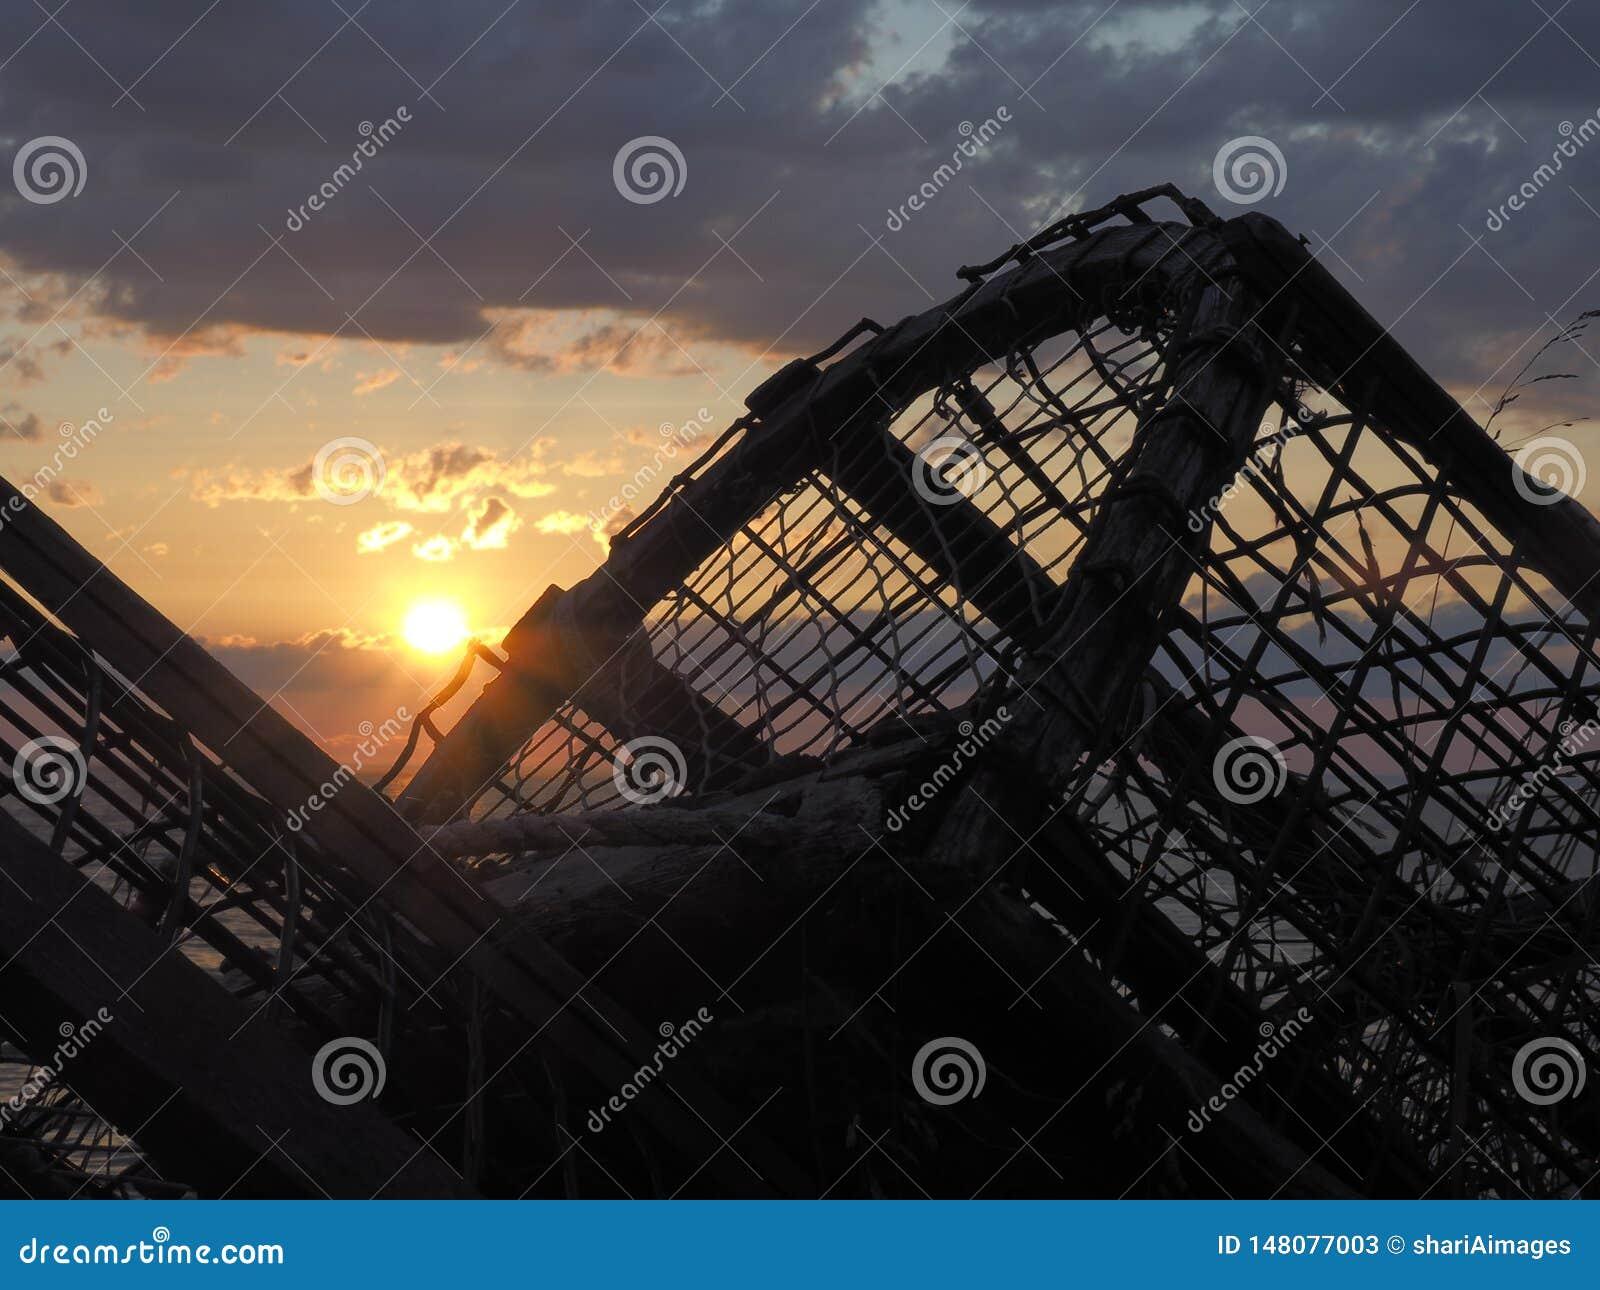 Bewolkte zonsondergang met zeekreeftvallen in silhouet